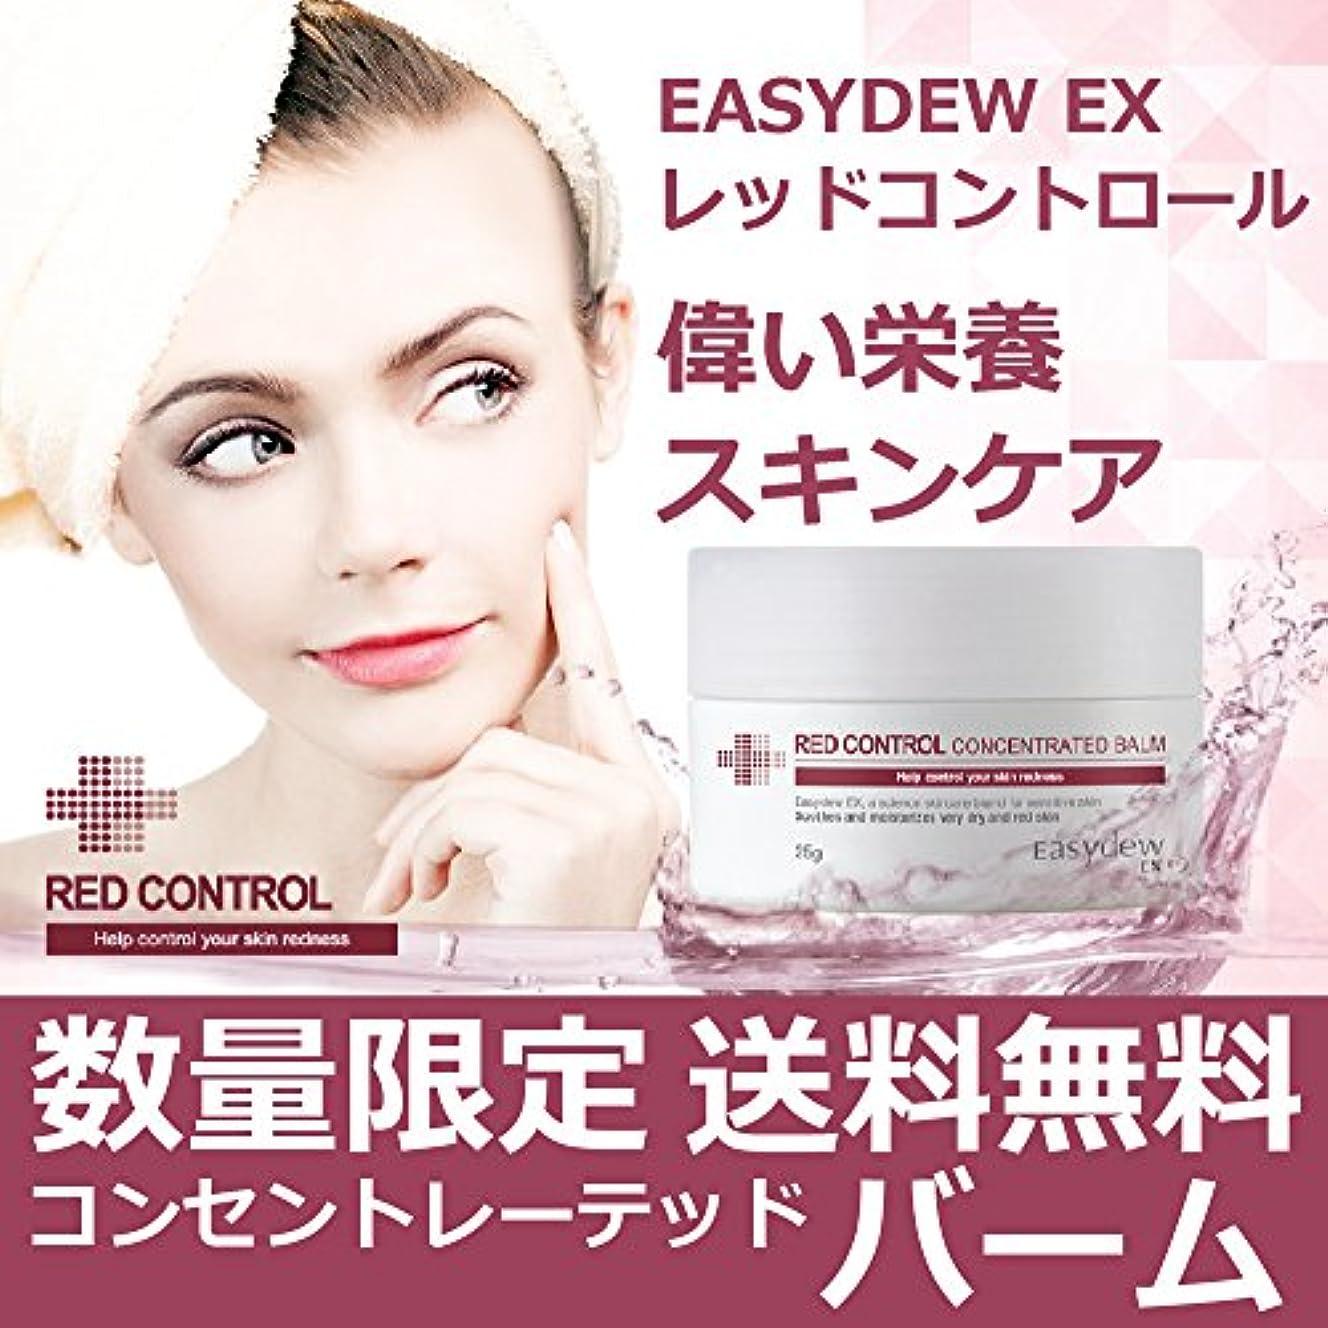 私の小川胚芽EASYDEW EX レッド コントロール コンセントレーテッド バーム RED CONTROL CONCENTRATED BALM25g